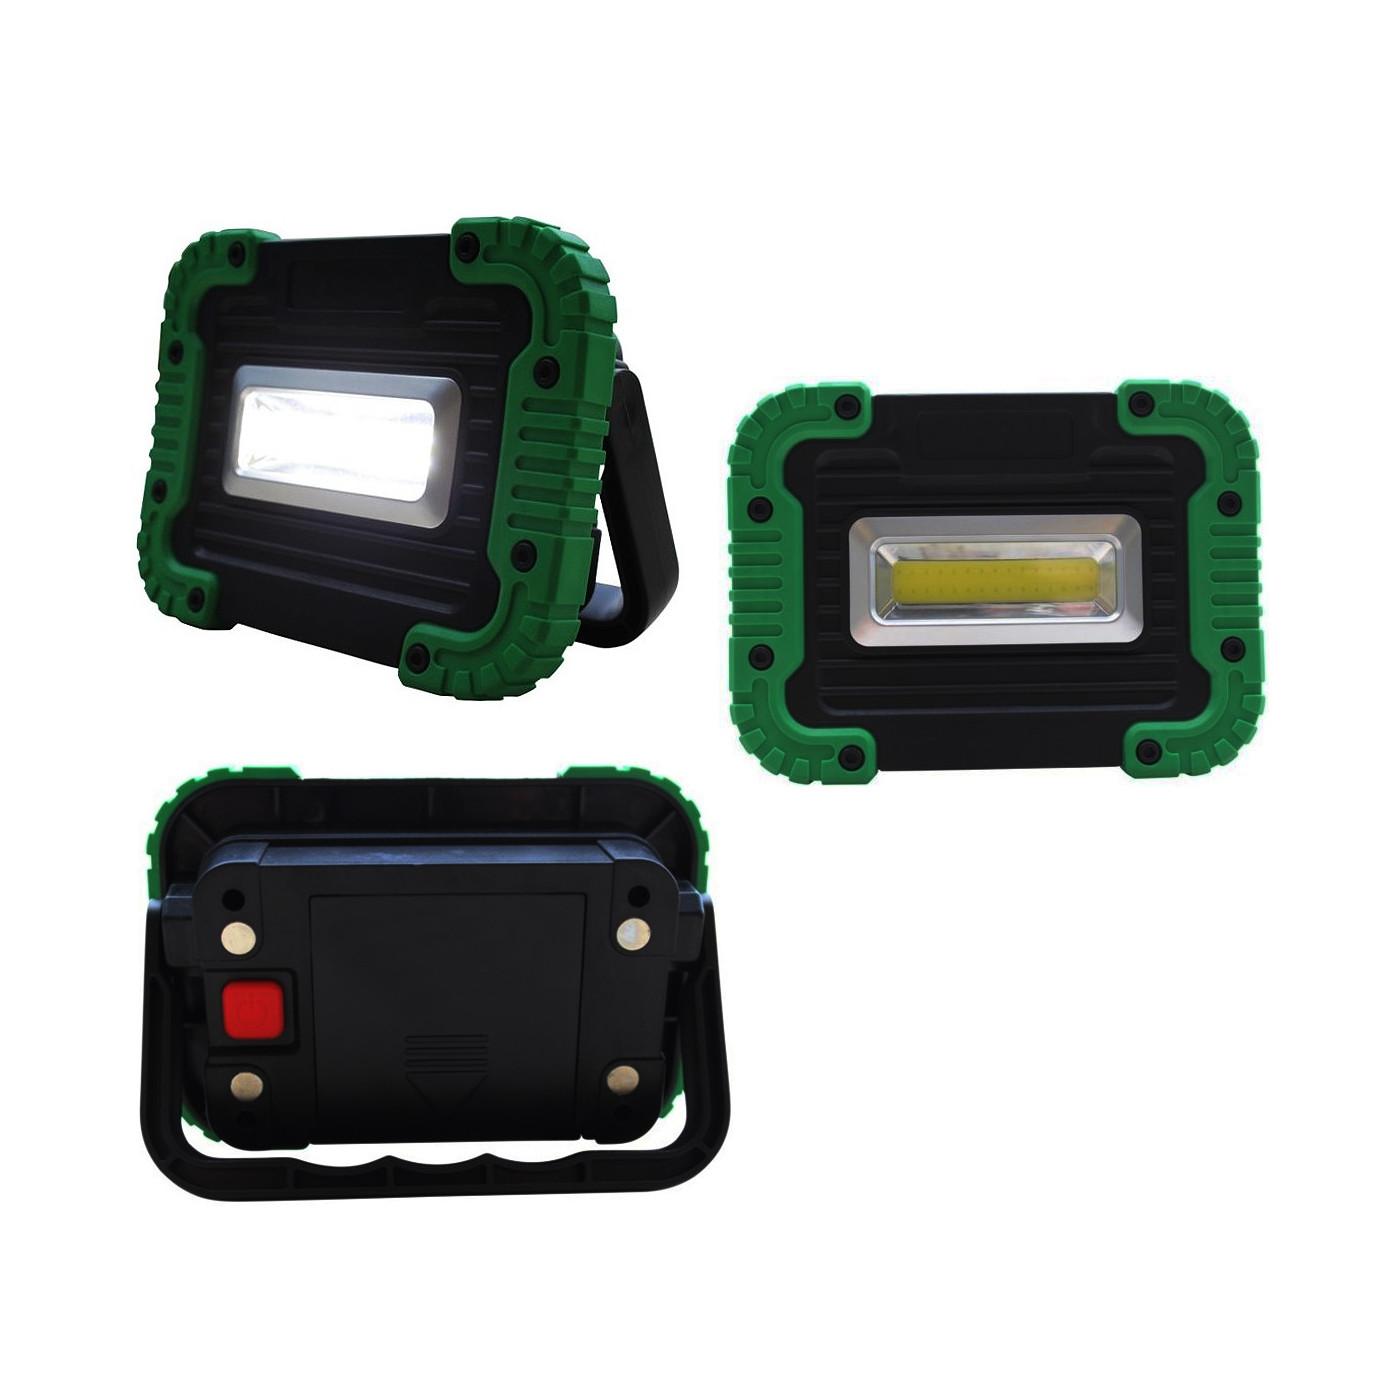 Kleine LED-Baulampe mit Batterien (8 Watt)  - 1